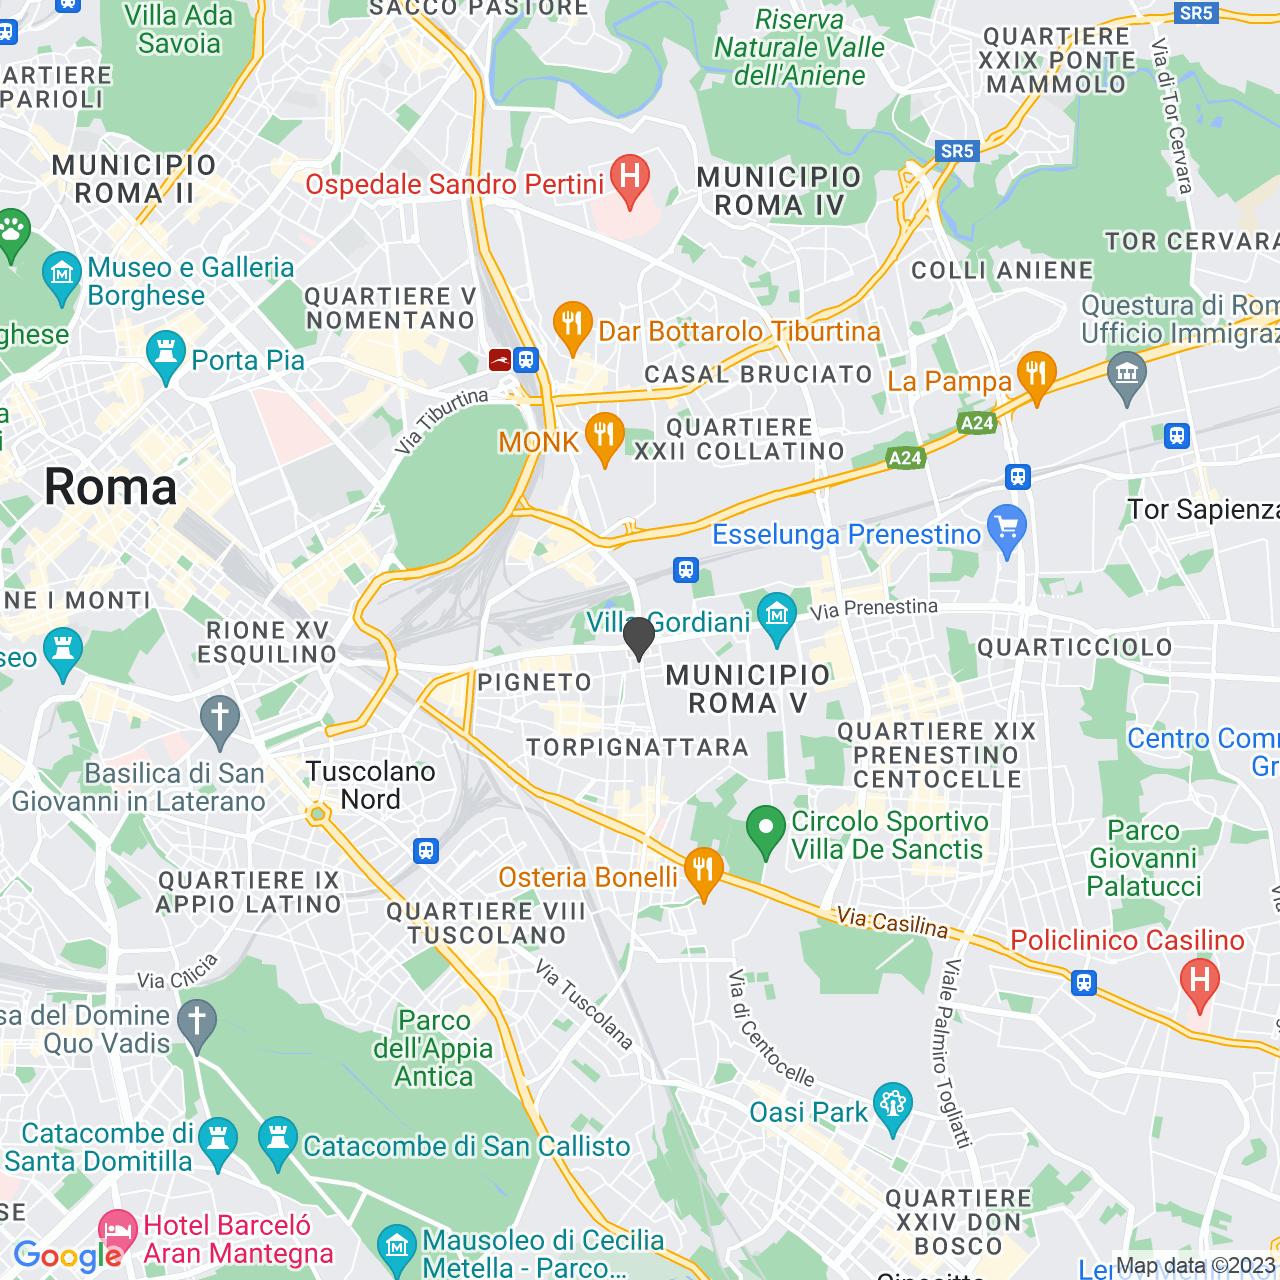 CENTRO DE ESTUDIOS SOCIALES DE CONFUCIO MENCIUS IN ITALIA A ROMA